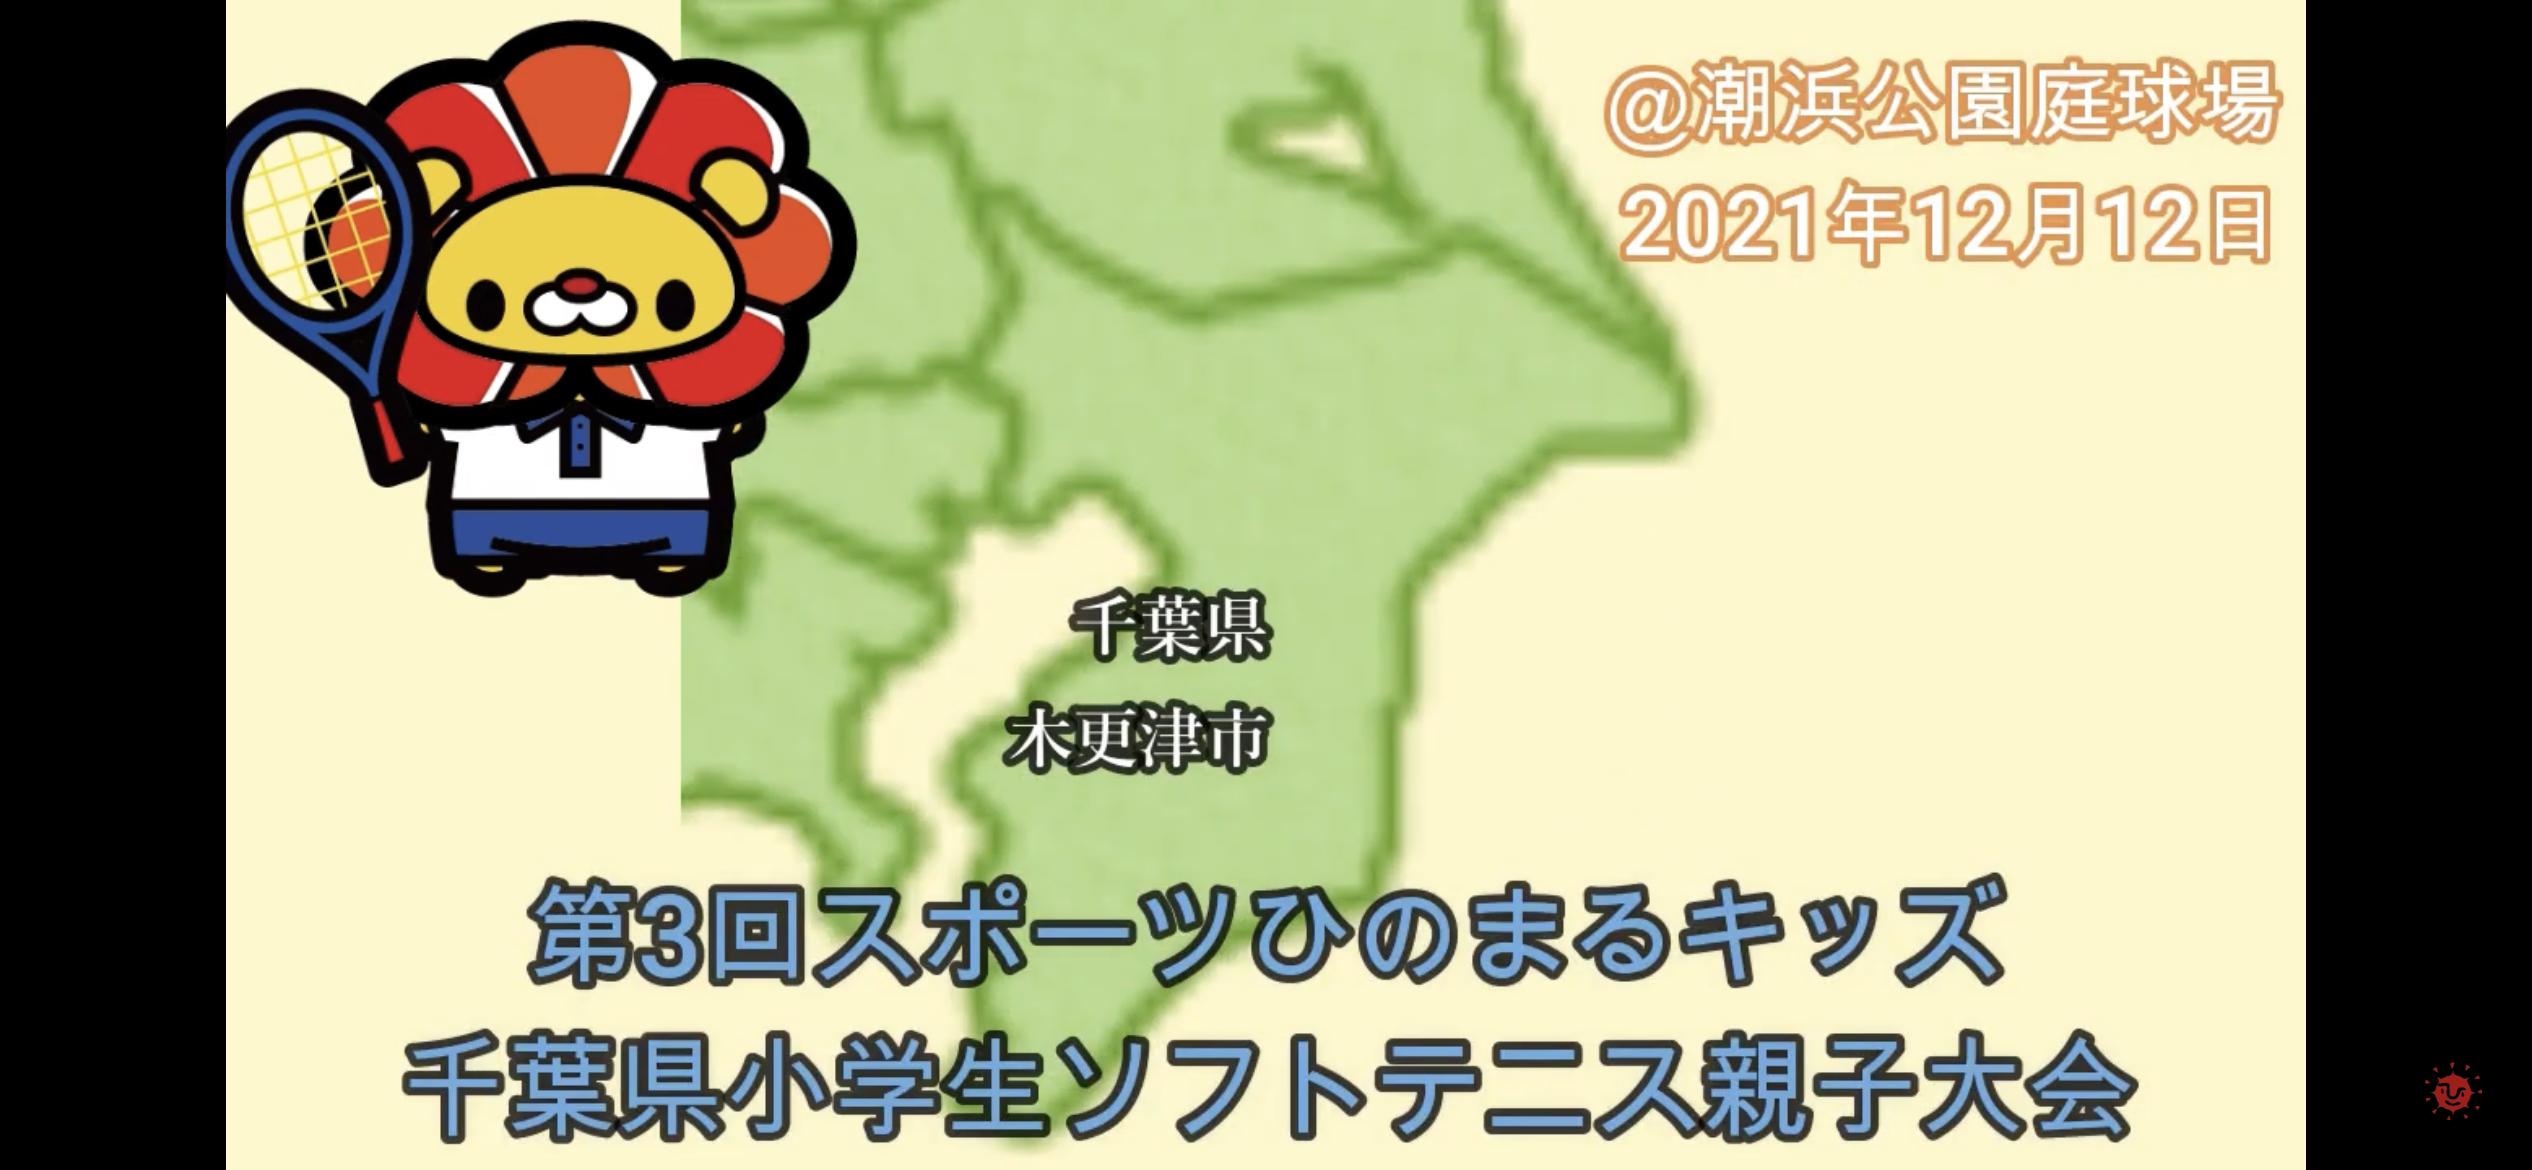 第3回 スポーツひのまるキッズ 千葉県小学生ソフトテニス親子大会(千葉県木更津市)